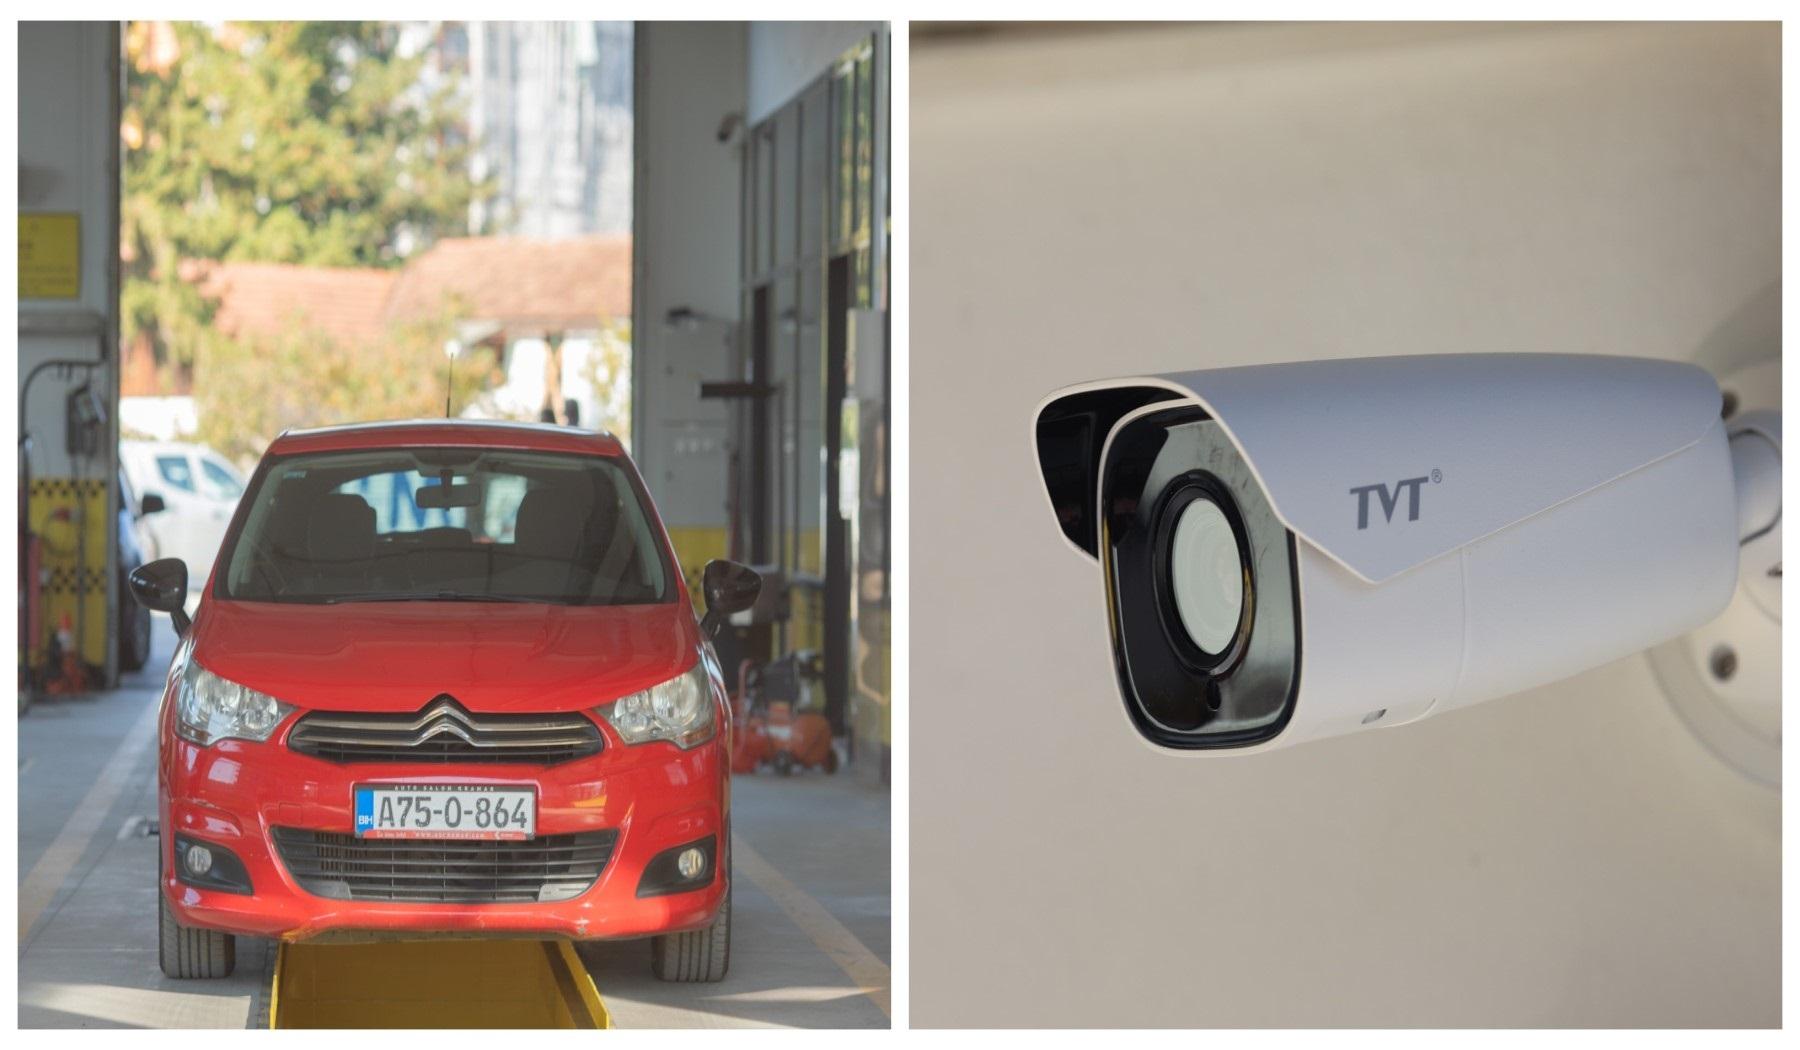 Novi sistem: Kamerama protiv zloupotreba na tehničkim pregledima u RS